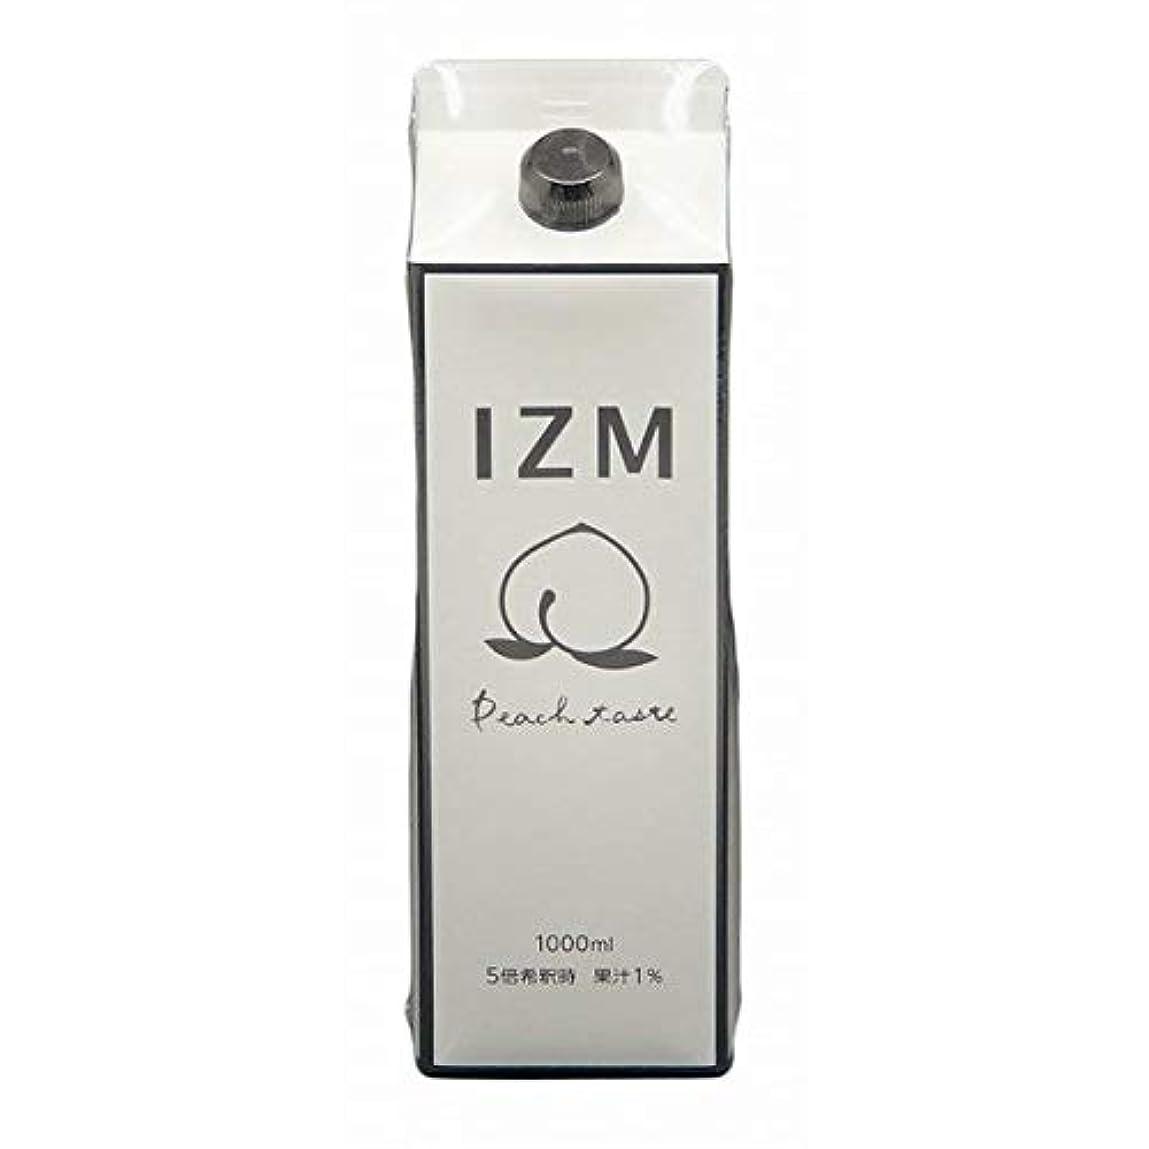 来て方向クローゼット酵素ドリンク IZM ピーチテイスト 1000ml